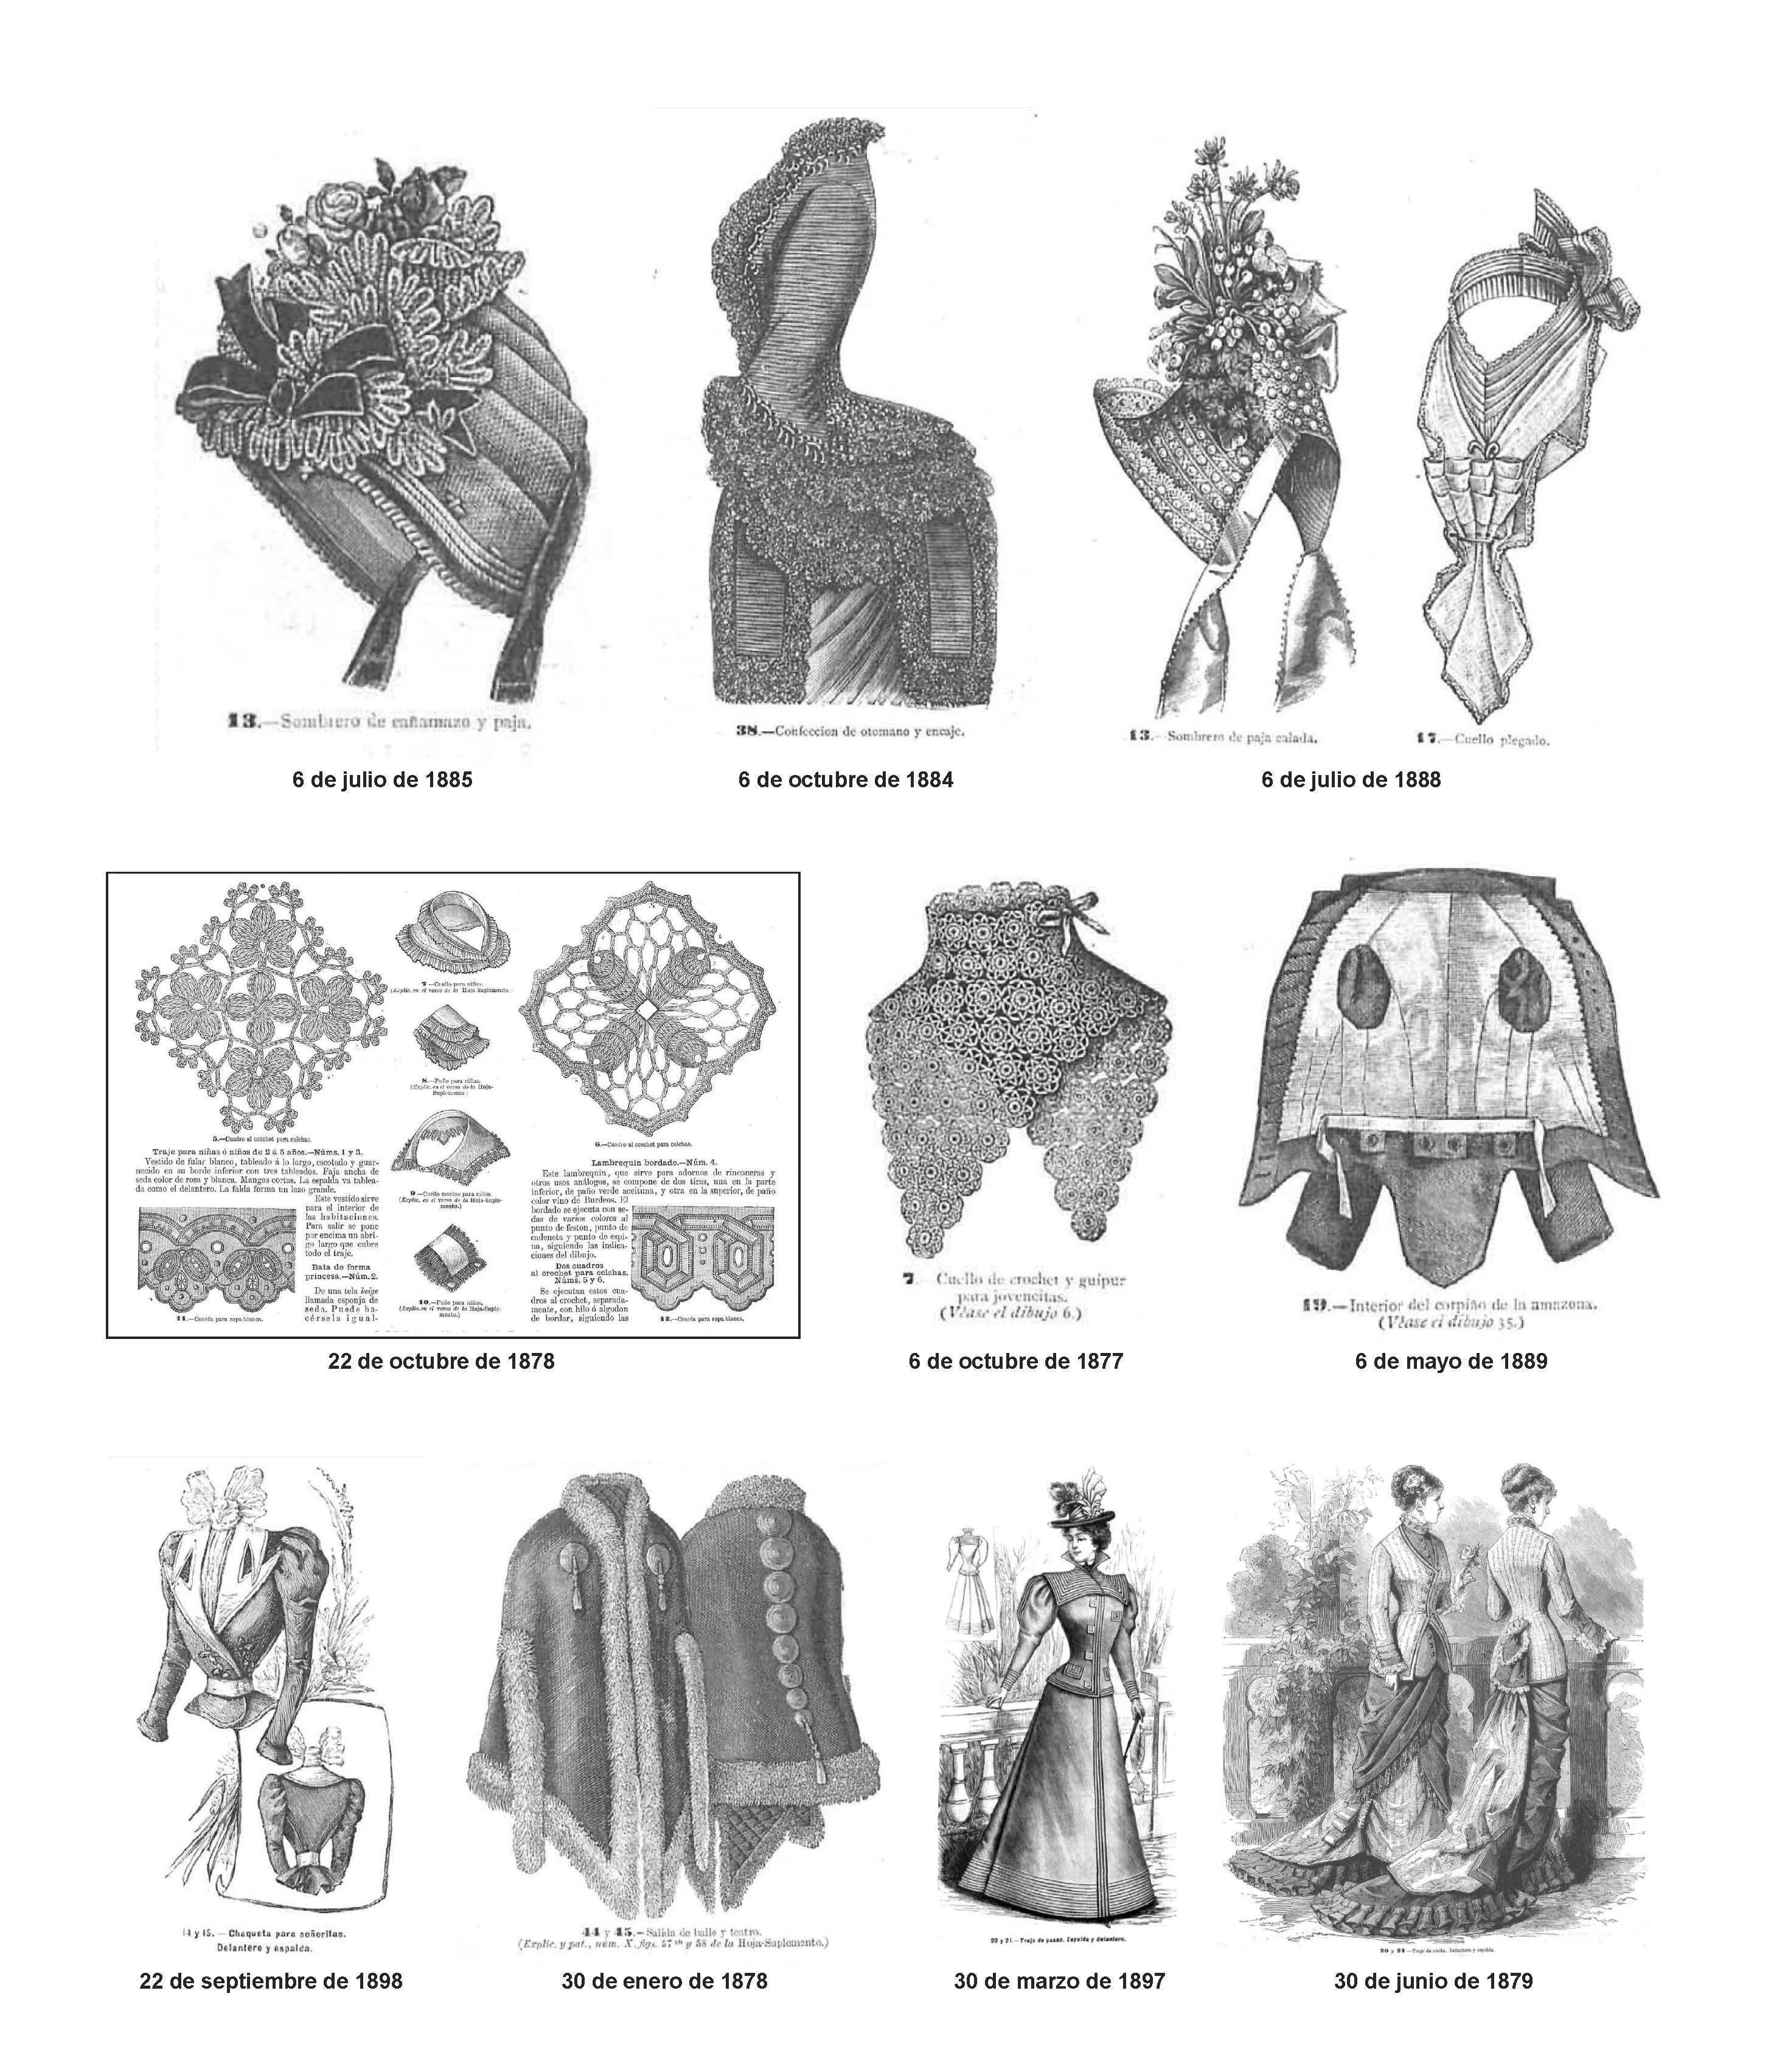 De Españolas Las Revistas Ilustración En Uso Decimonónicas La El ap5qZwa